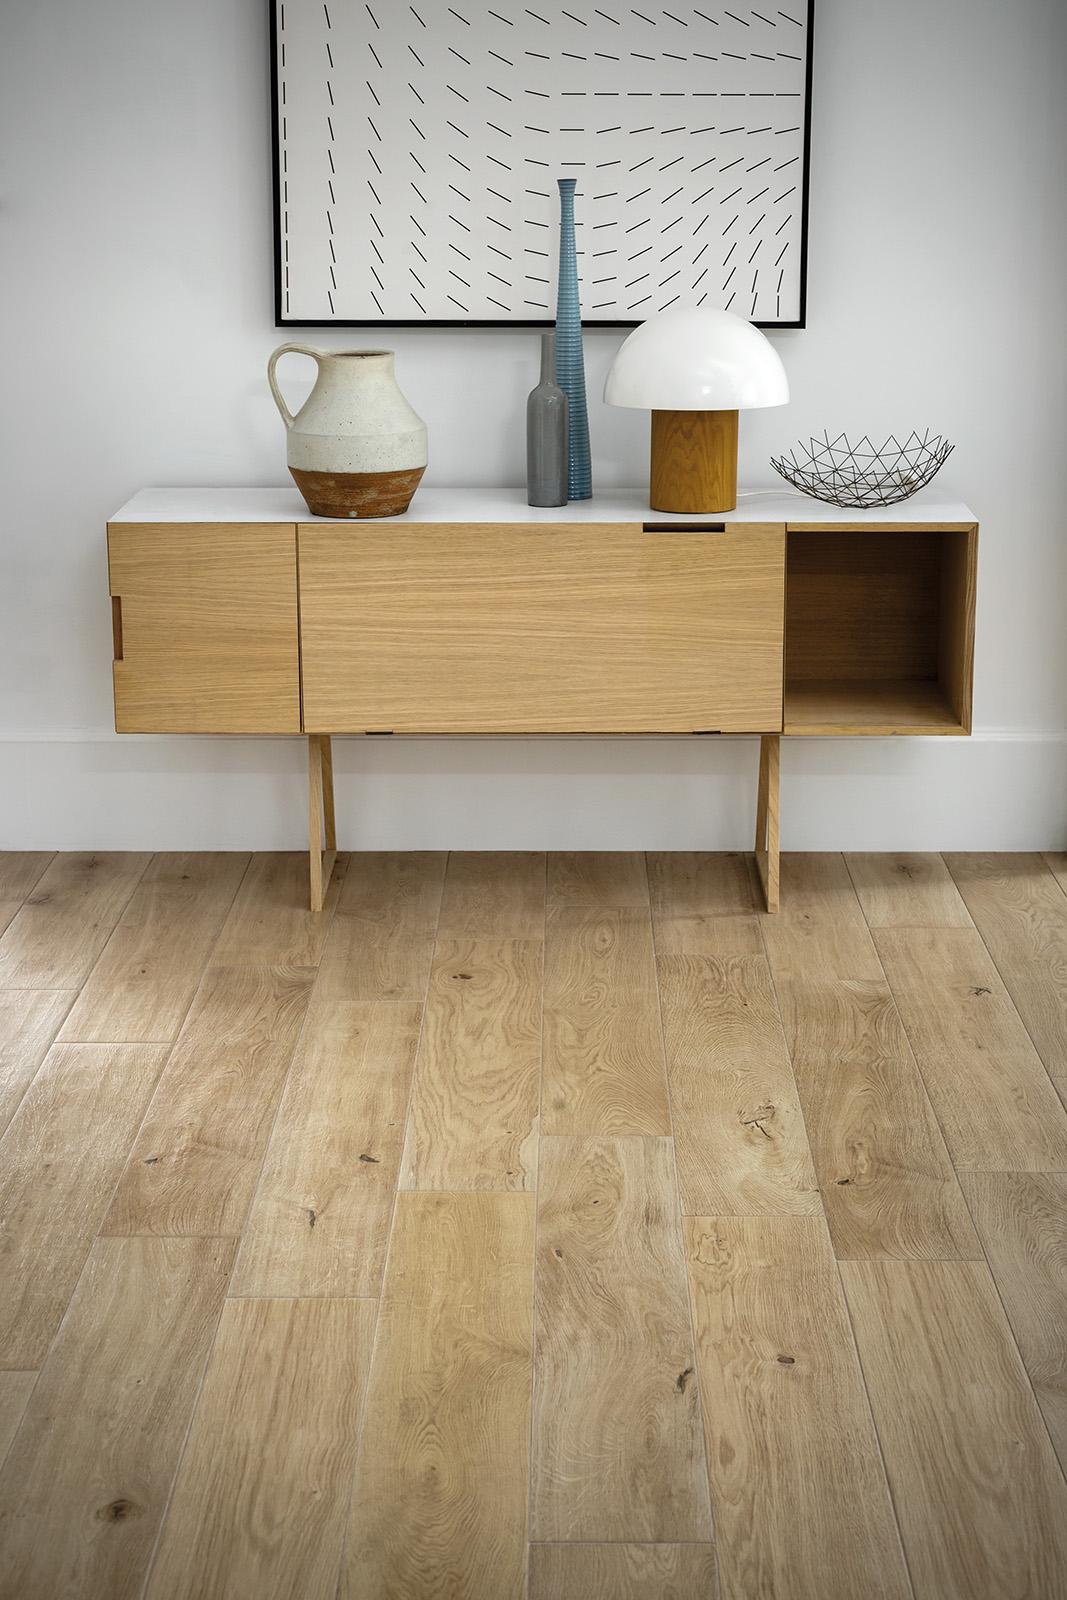 Treverkever hard wood effect stoneware flooring marazzi - Fliesen marazzi ...